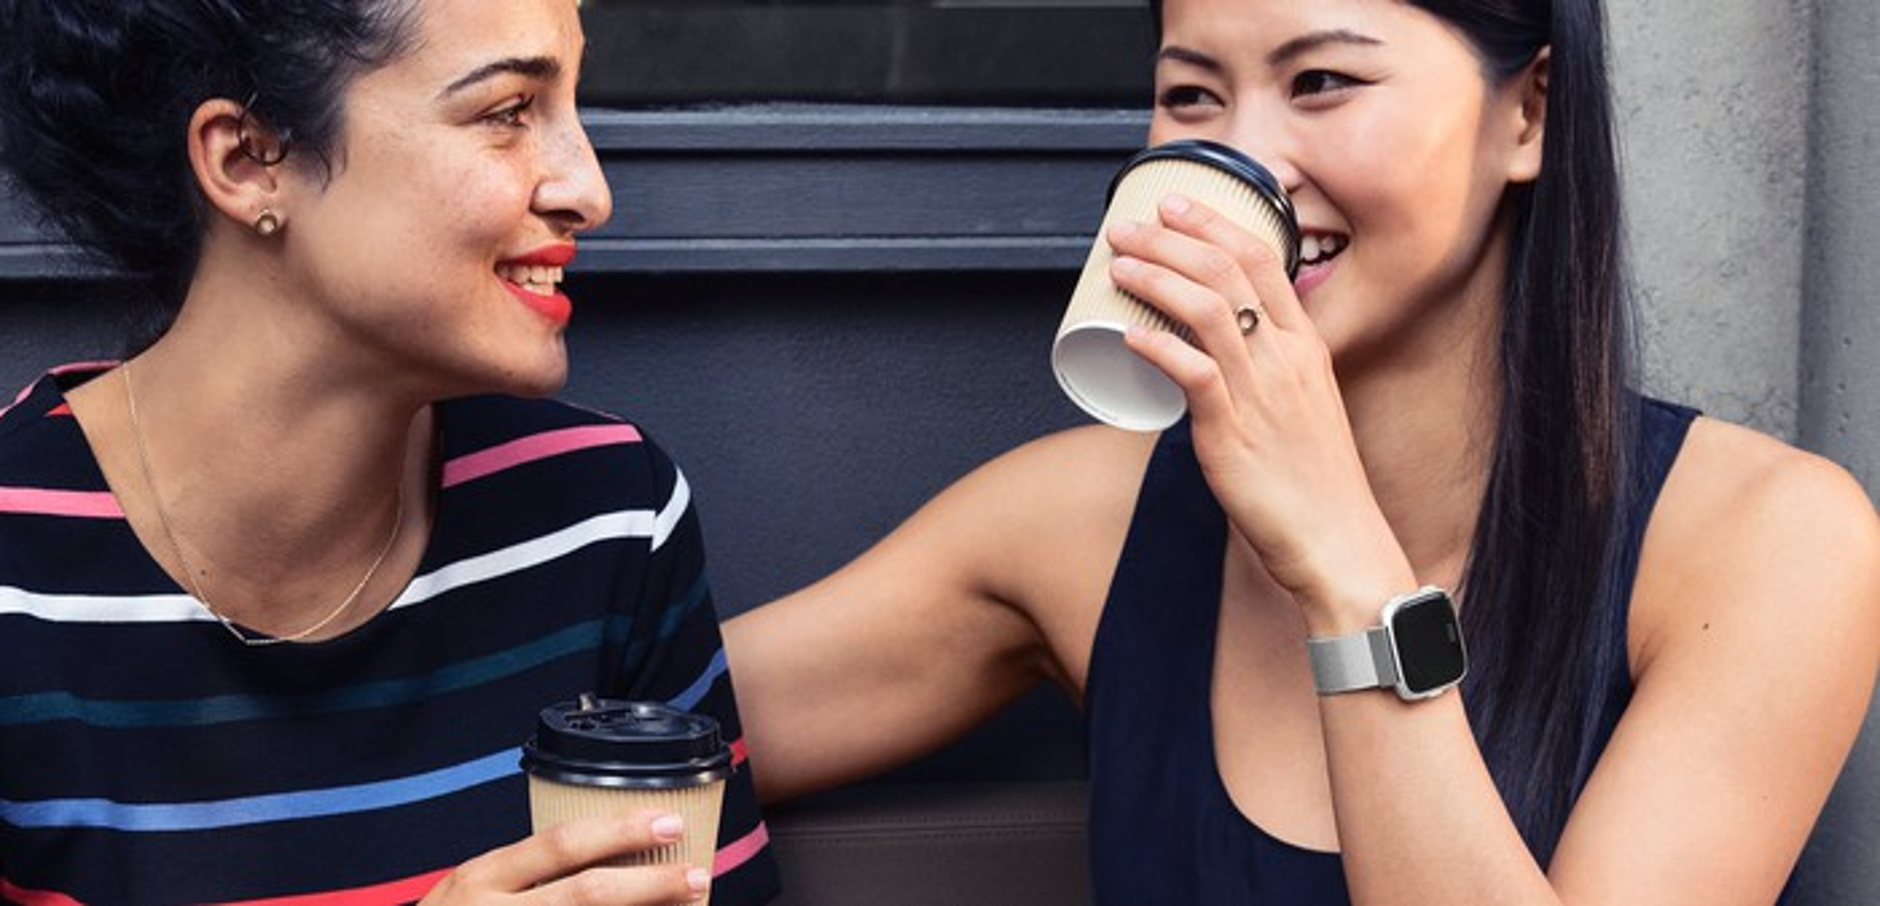 Women drinking coffee wearing Versa smartwatches